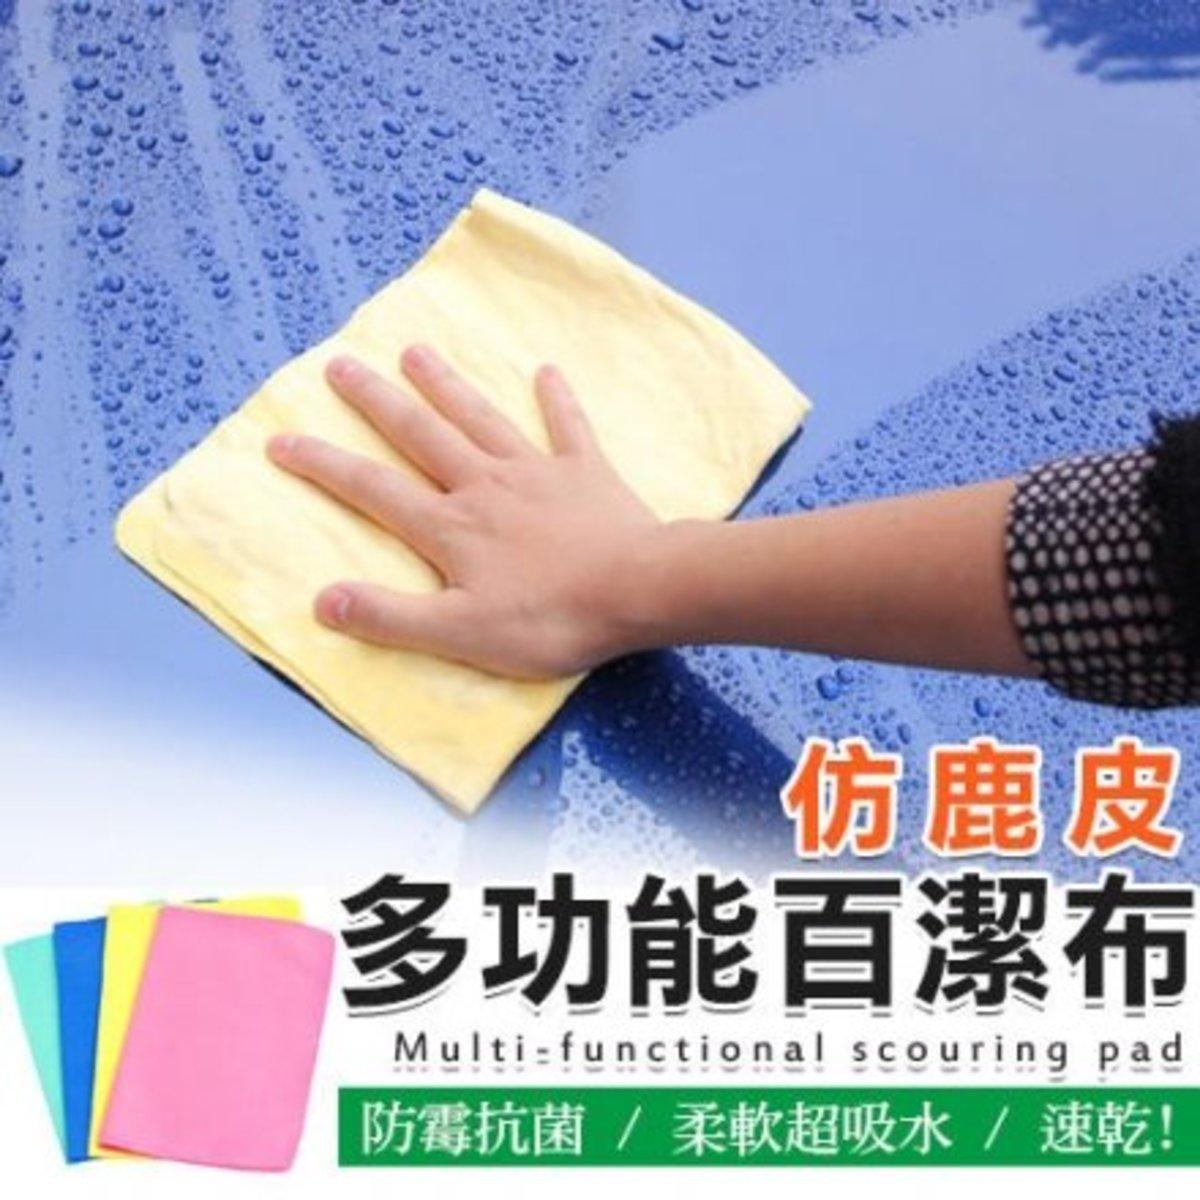 仿鹿皮超吸水多功能抹布/ 洗車布 (顏色隨機)